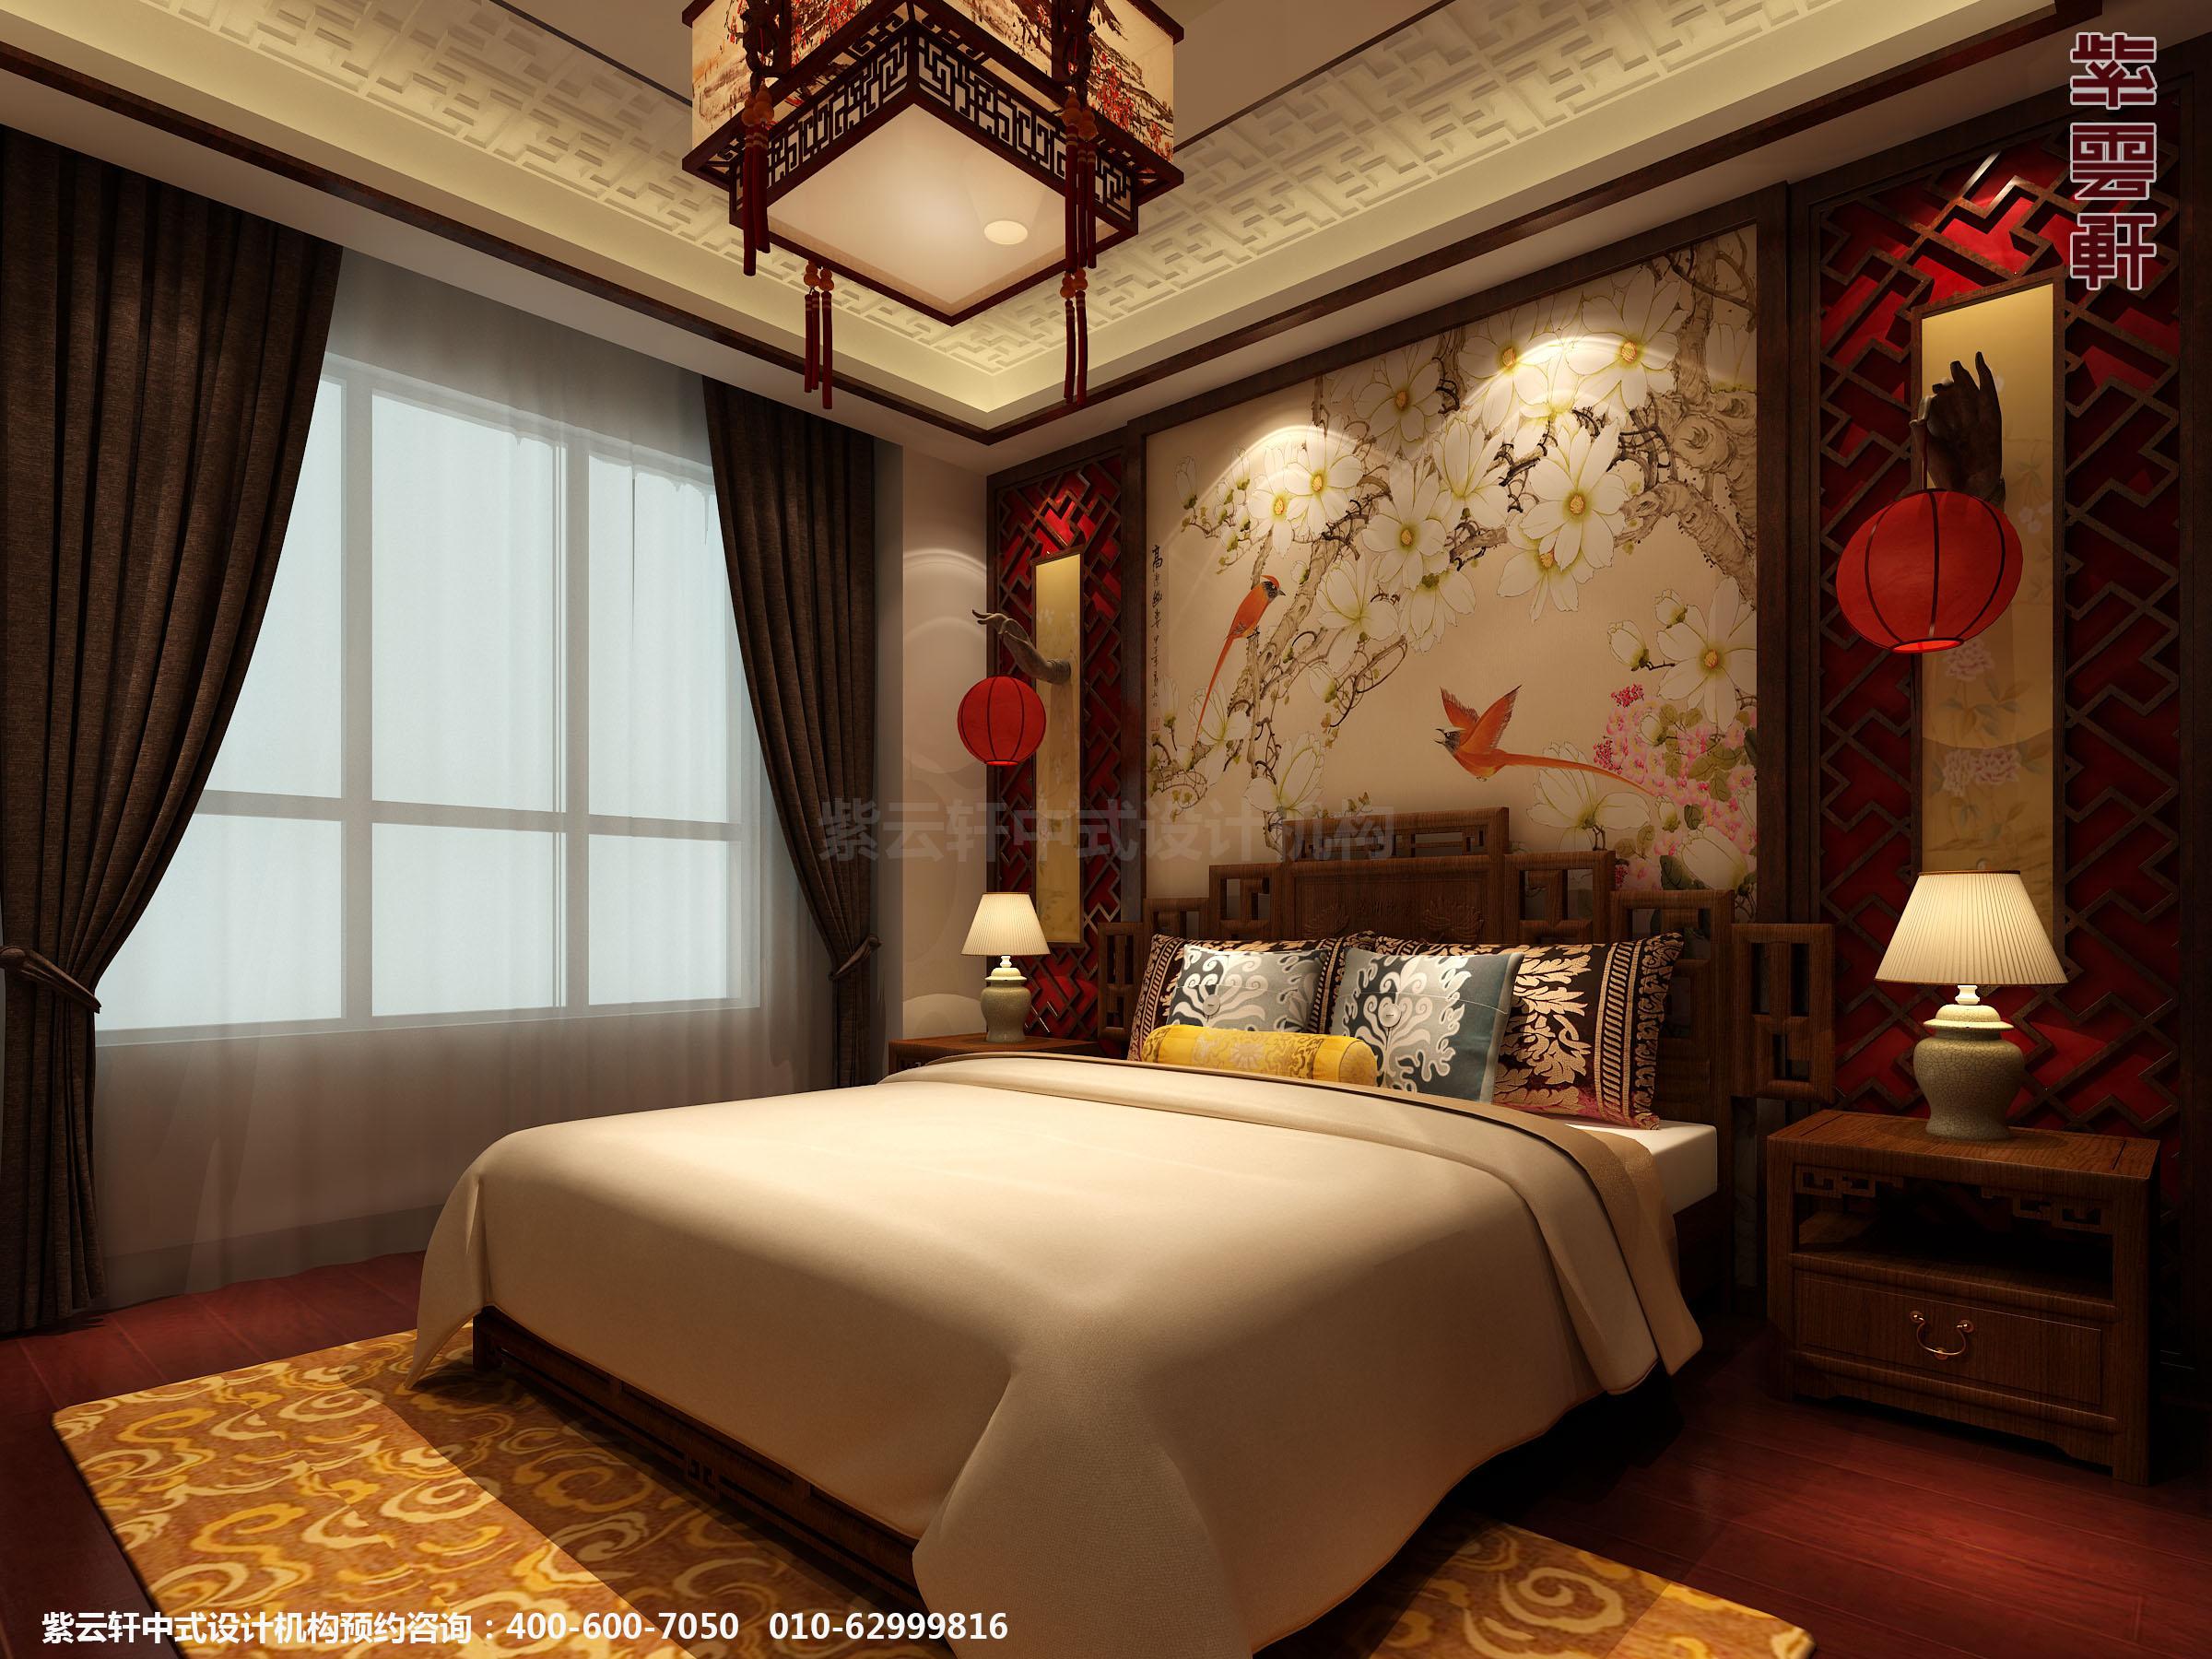 日照复式楼新中式设计案例,卧室中式装修效果图图片